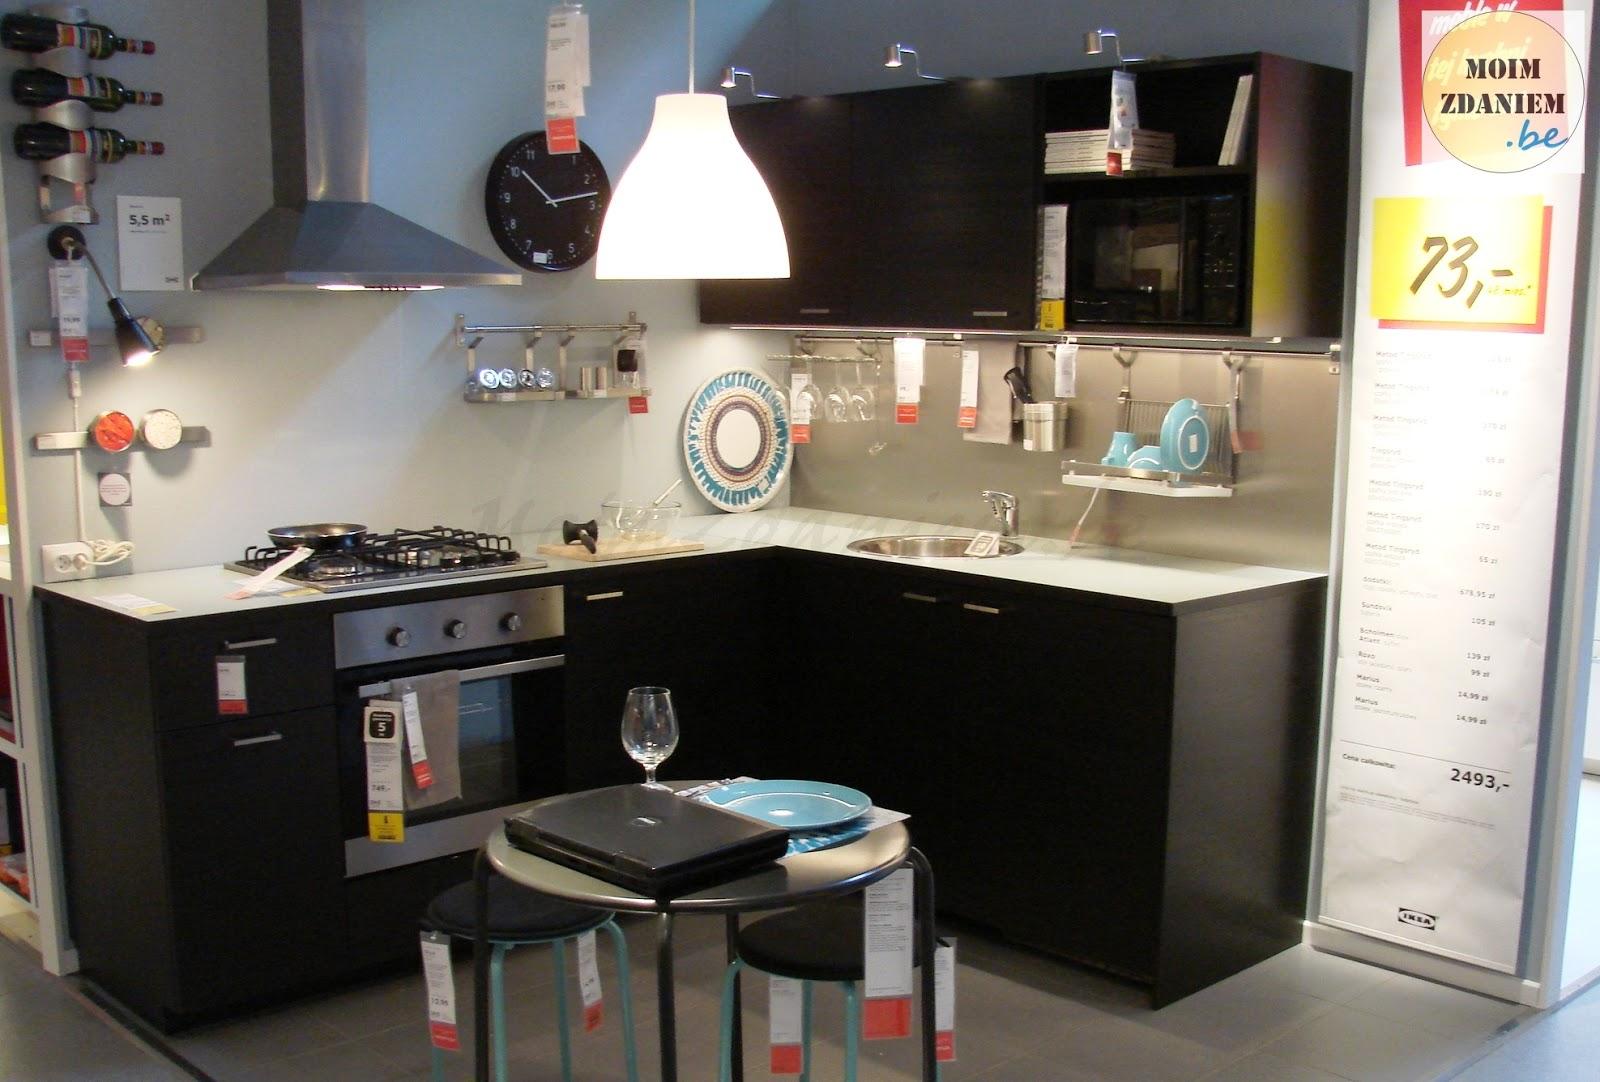 moim zdaniem Ikea, otwarcie przebudowanego działu kuchennego, nowości i insp